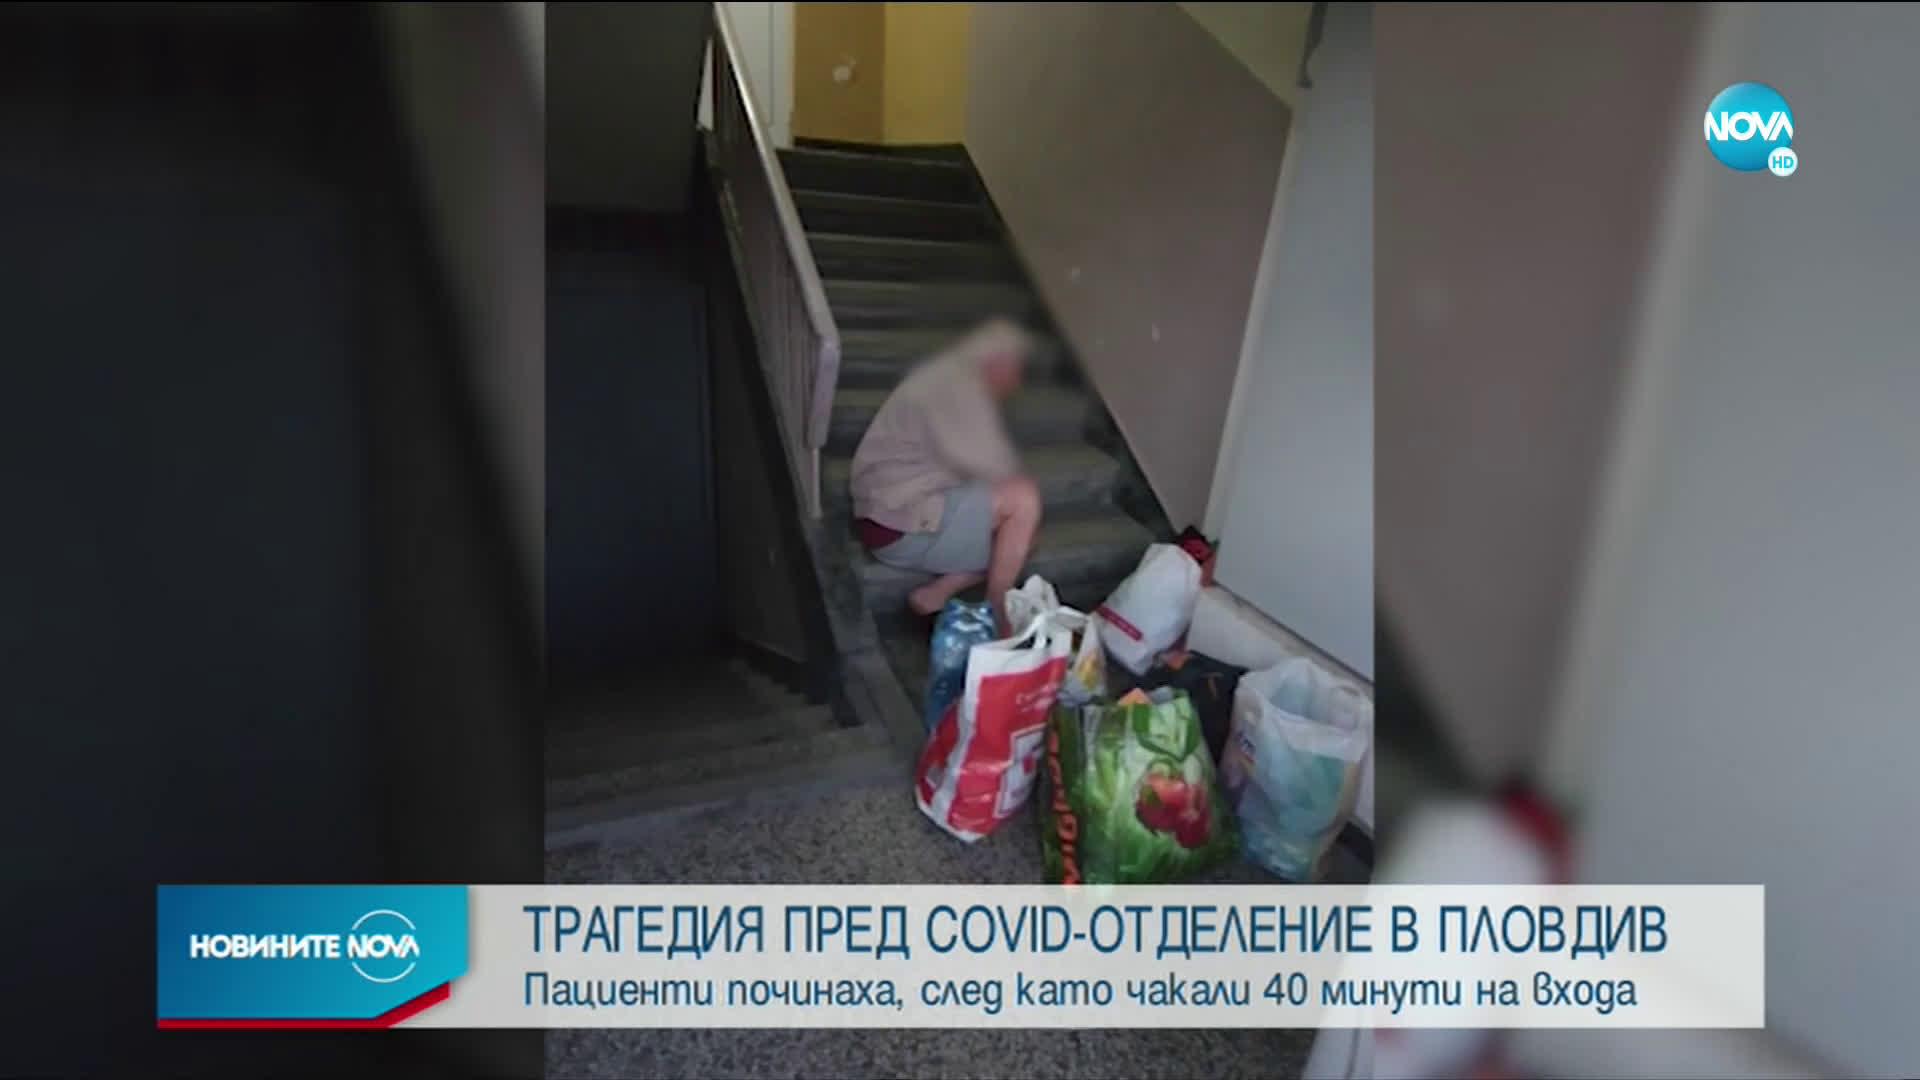 Починаха пациенти с COVID-19, оставени на стълби пред болница с кислородни маски